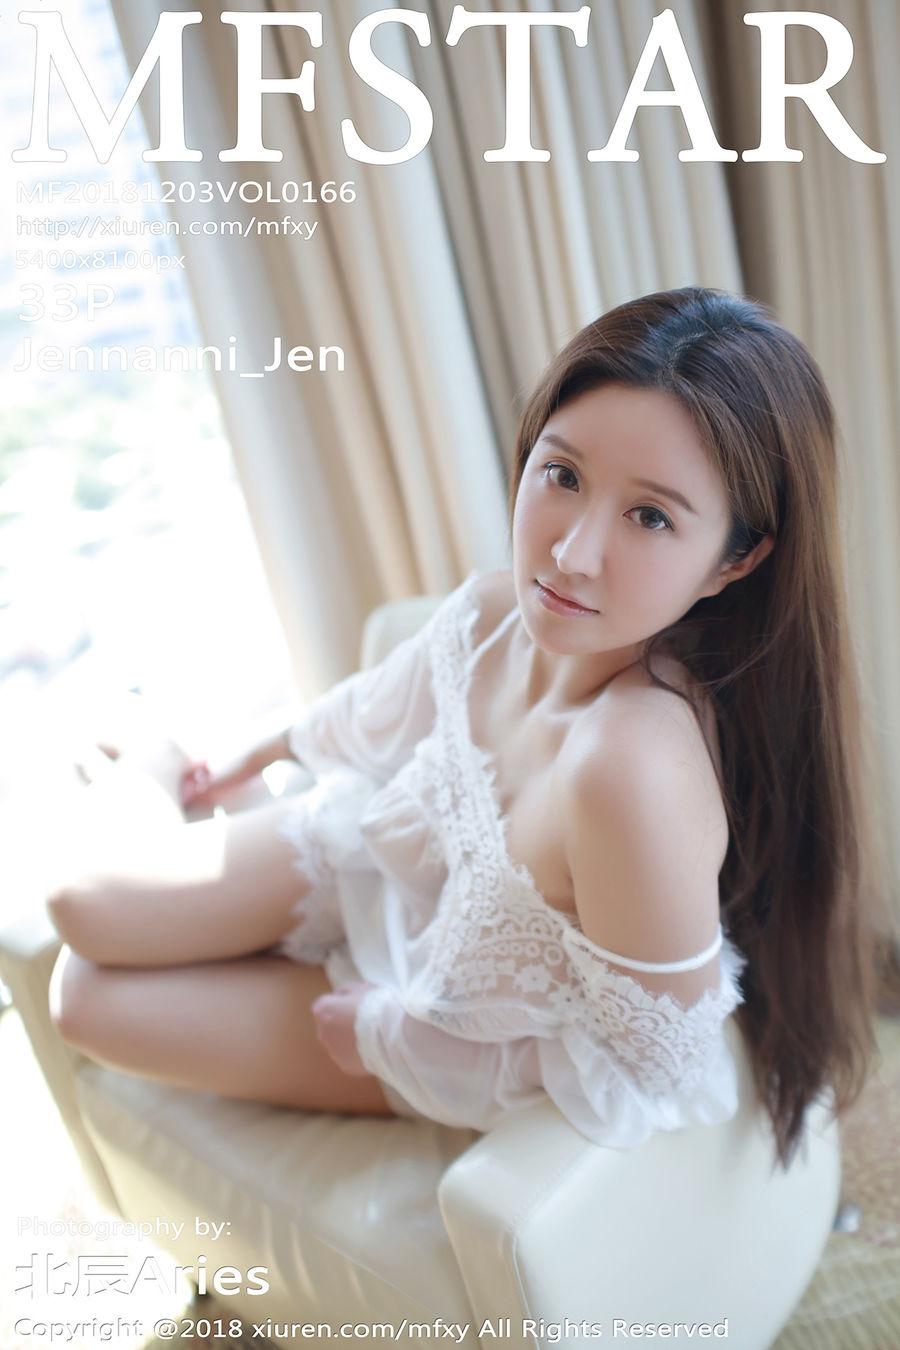 [MFStar模范学院] VOL.166 Jennanni_Jen [33+1P/144M]